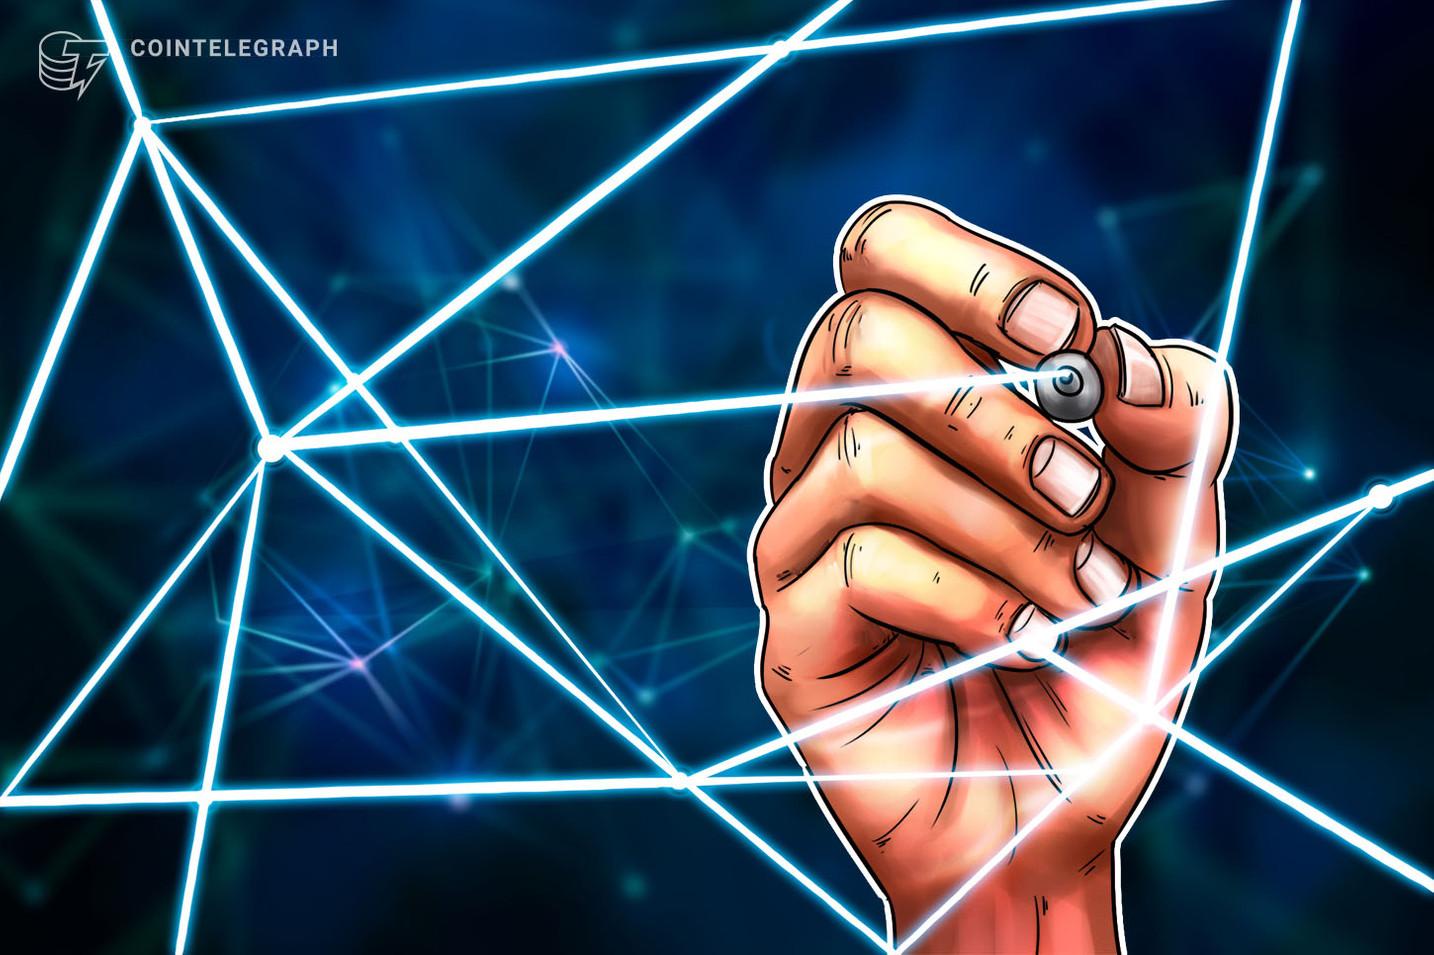 El regulador financiero australiano prueba la blockchain para automatizar las instrucciones de transferencia de fondos